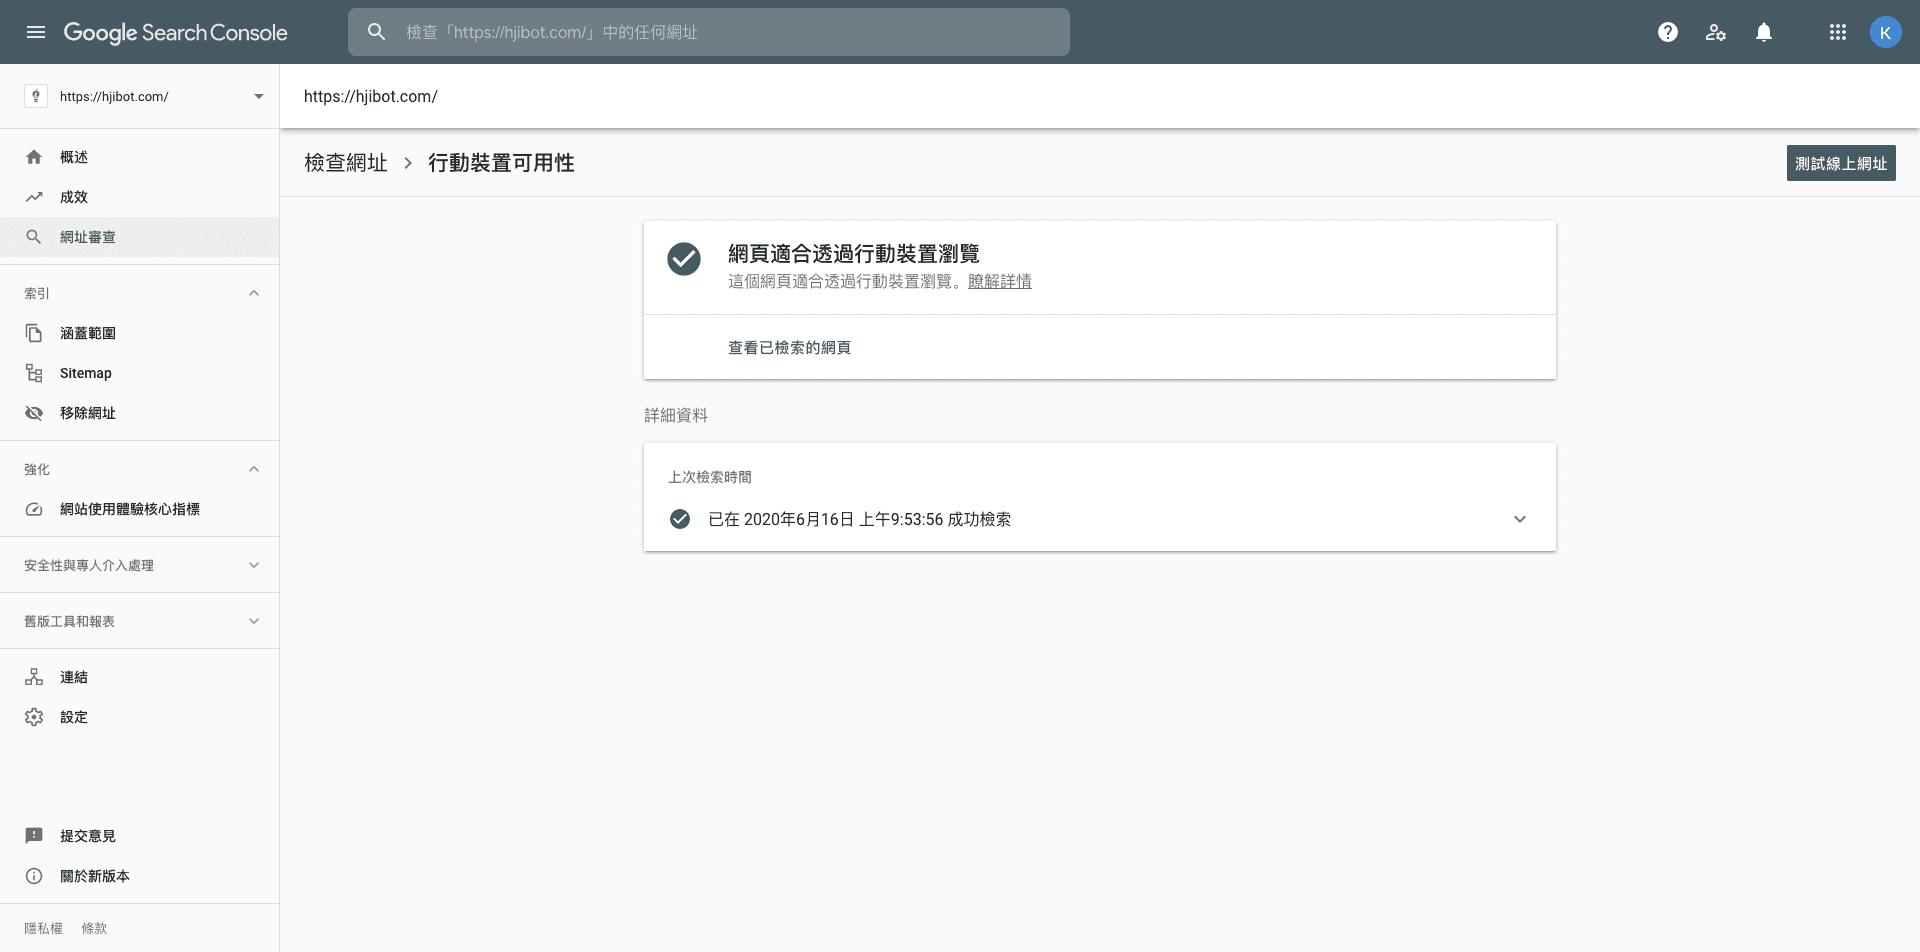 網頁適合行動裝置瀏覽